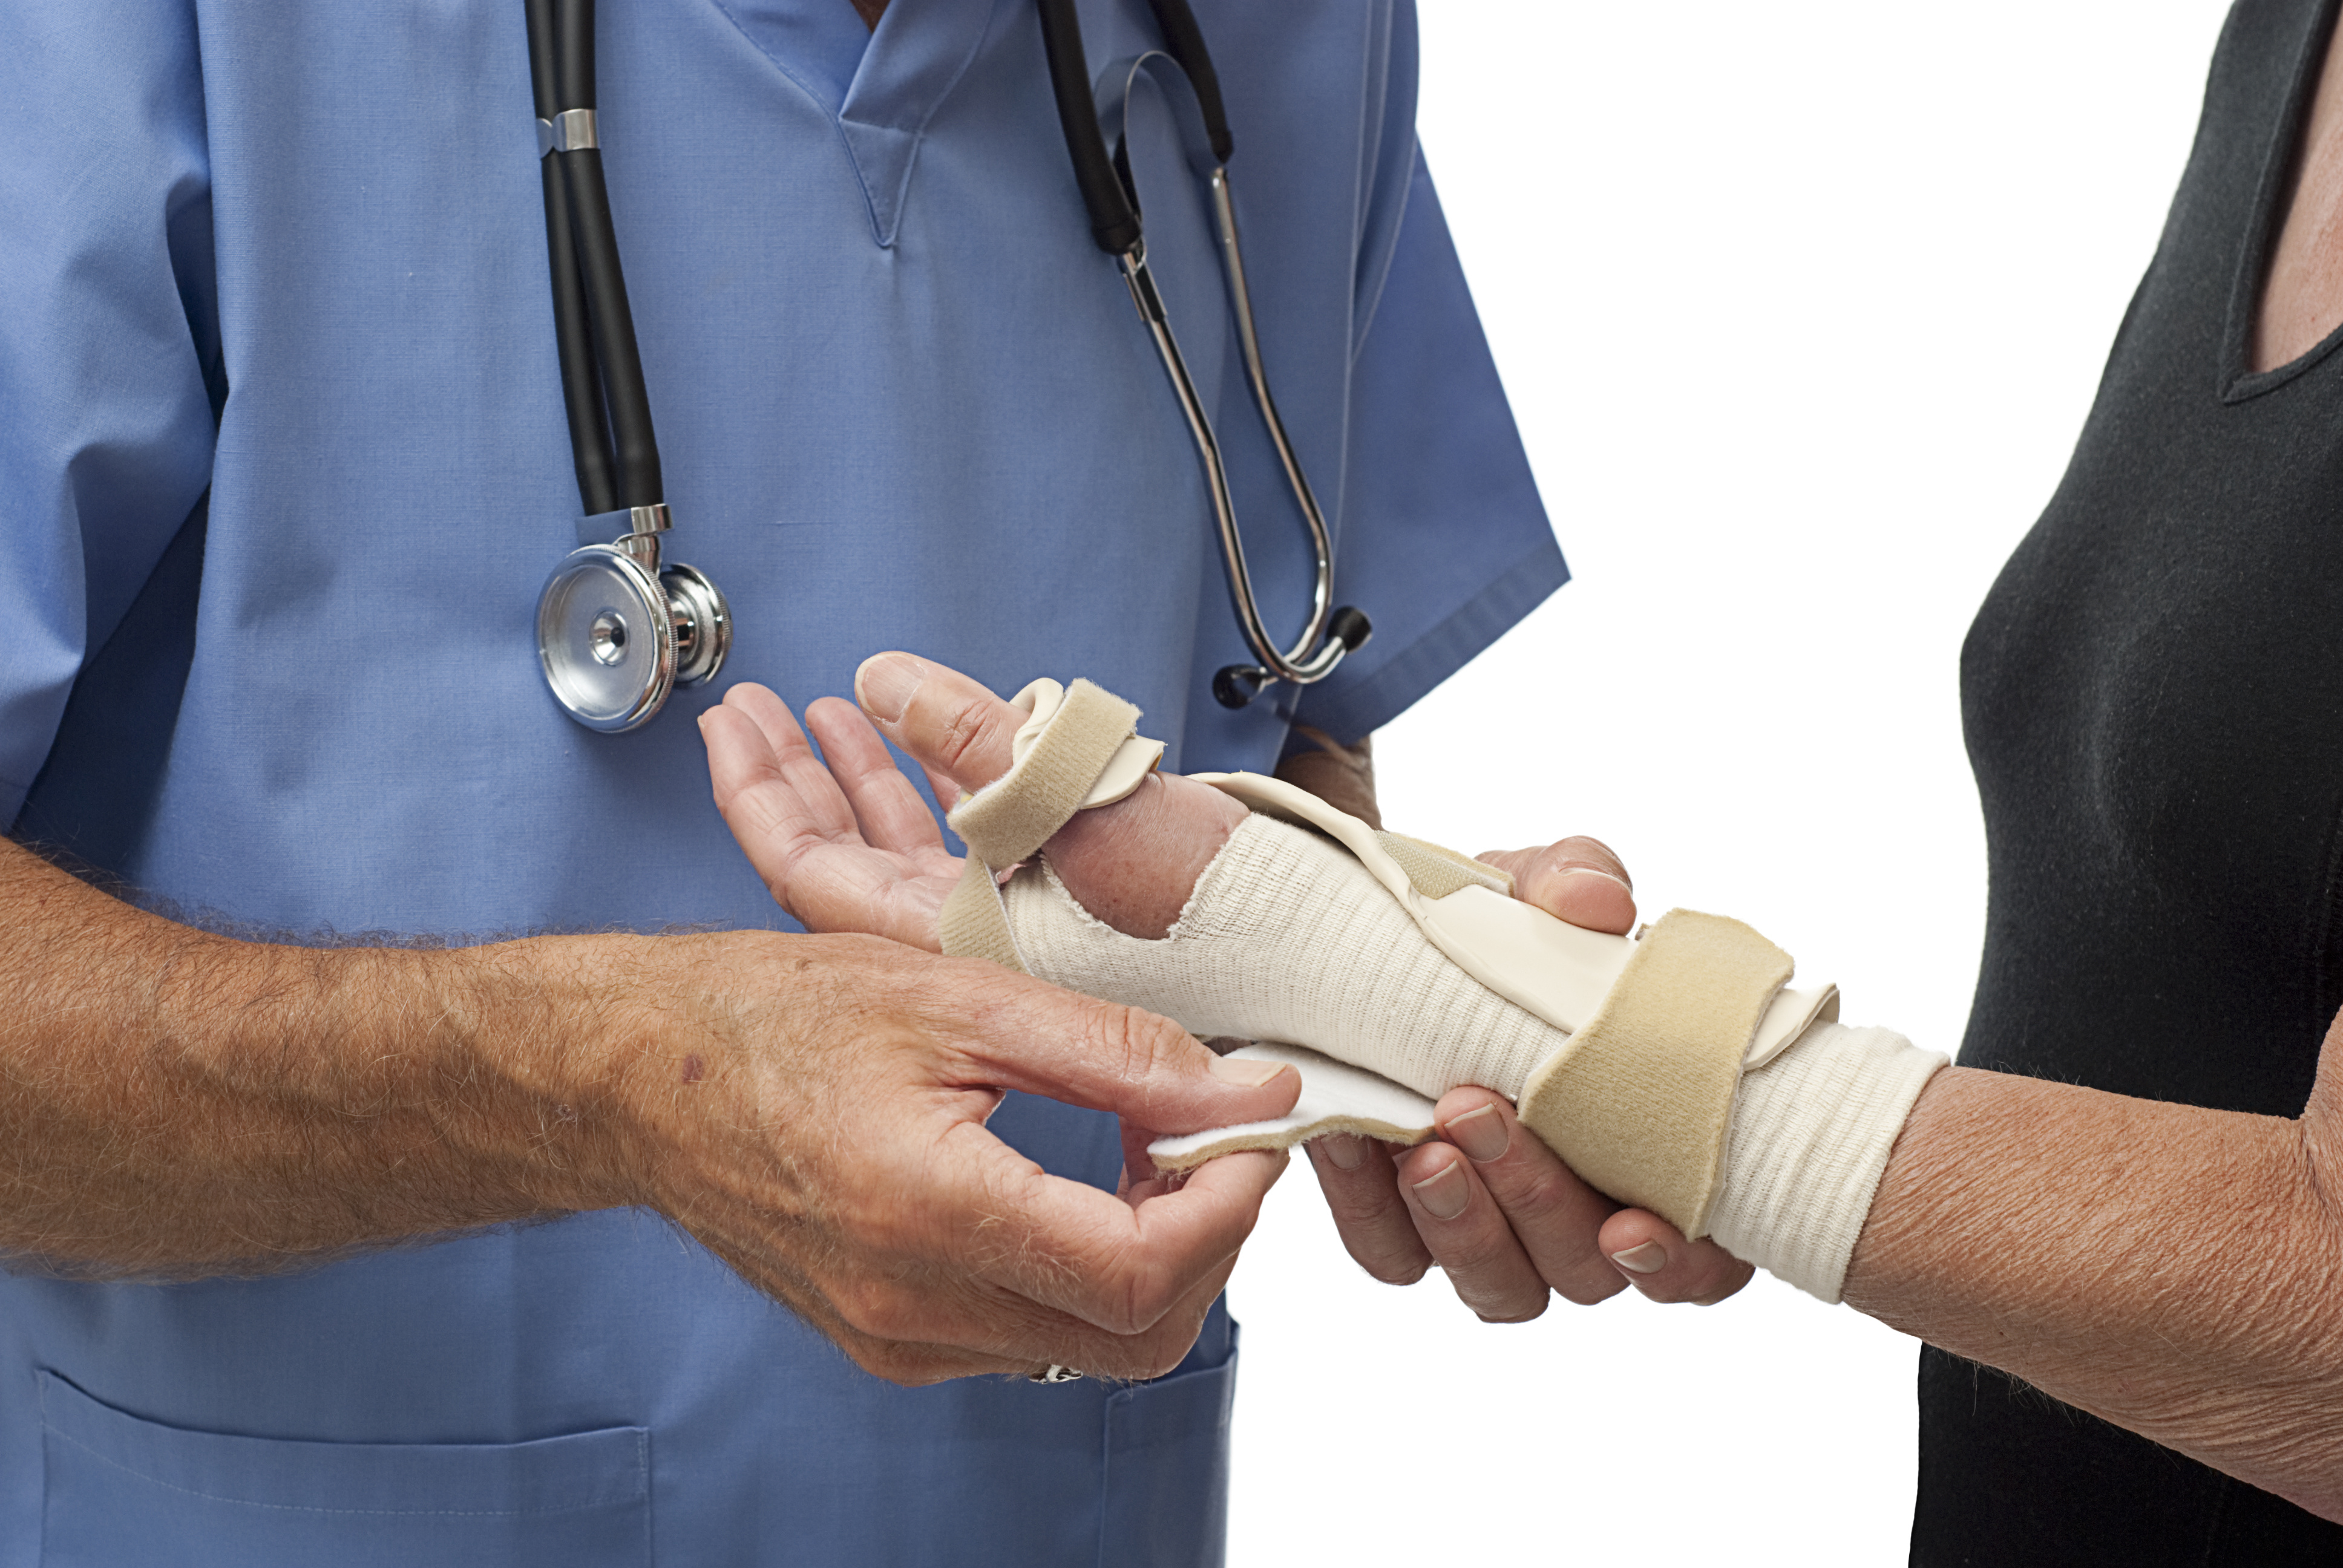 Doctor fitting splint on woman's wrist